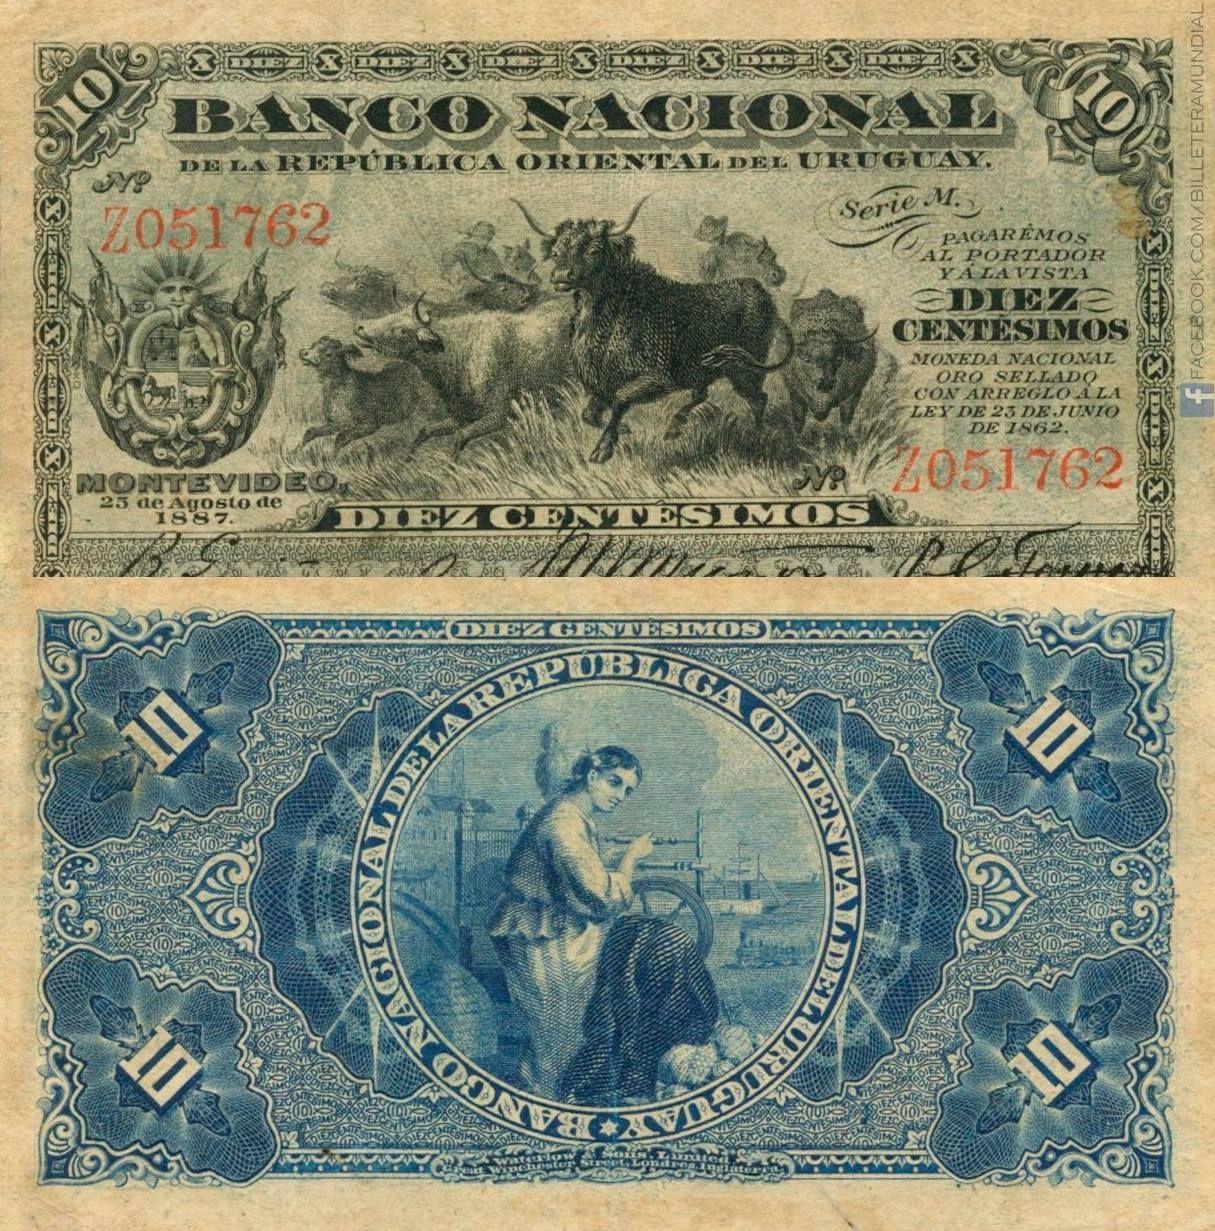 Uruguay 1887 10 Centesimos Banknote Uruguay Banknote